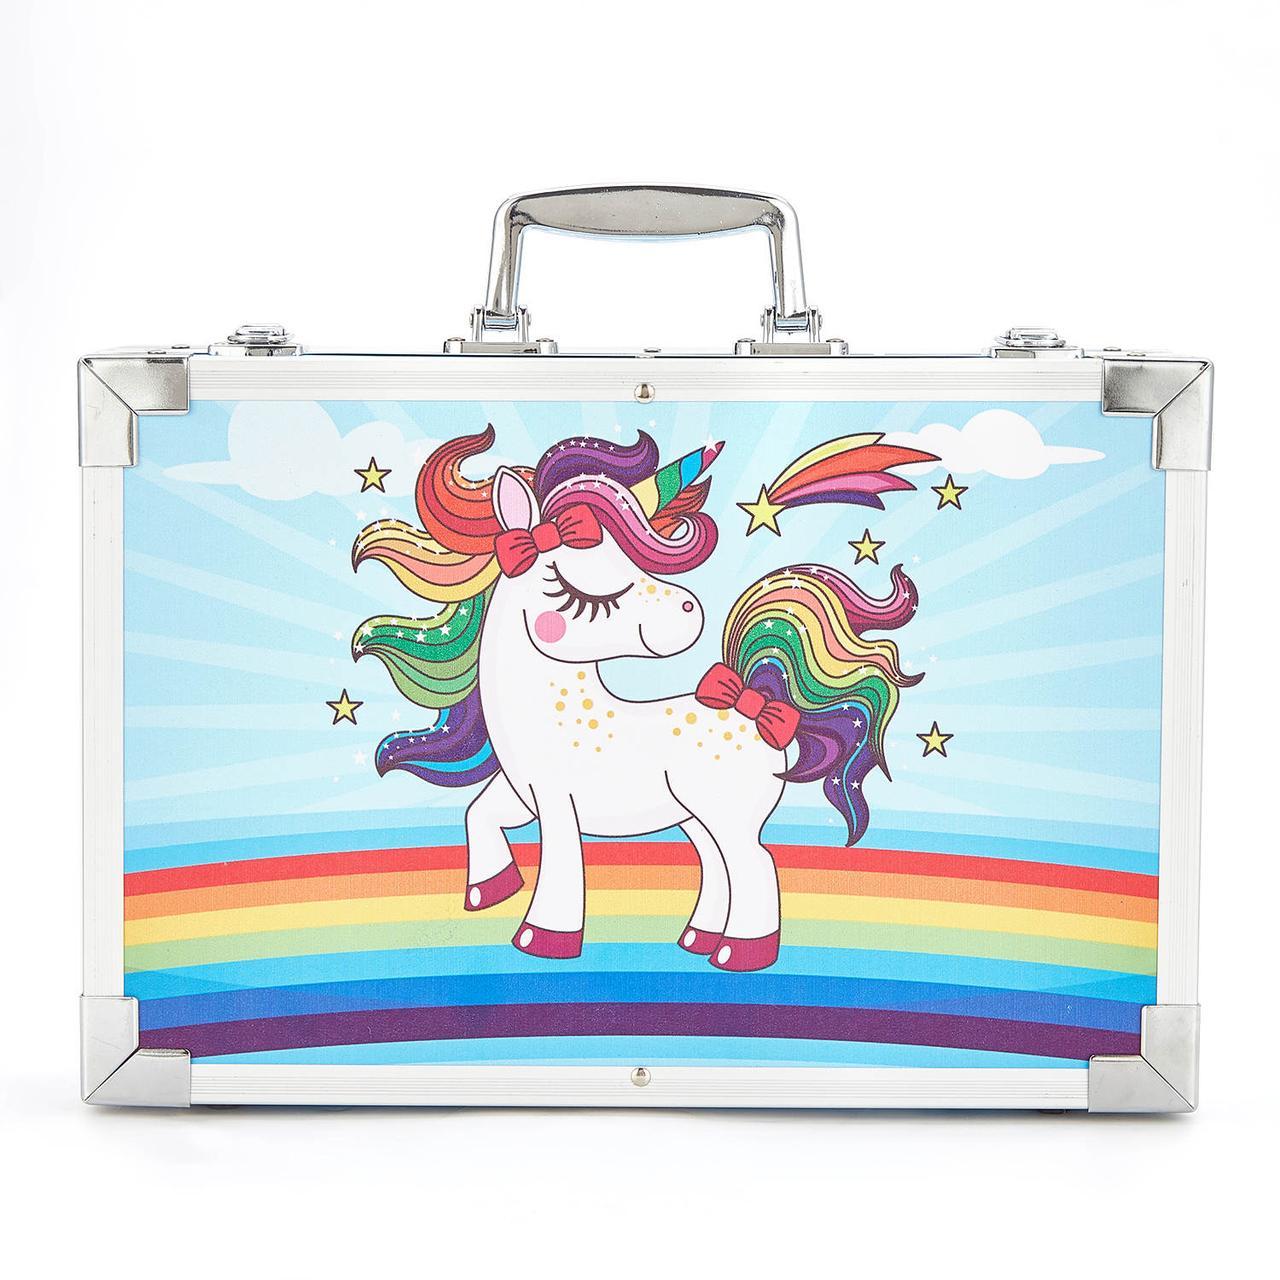 Подарочный набор для рисования в чемодане Amazecat, модель blue Unicorn